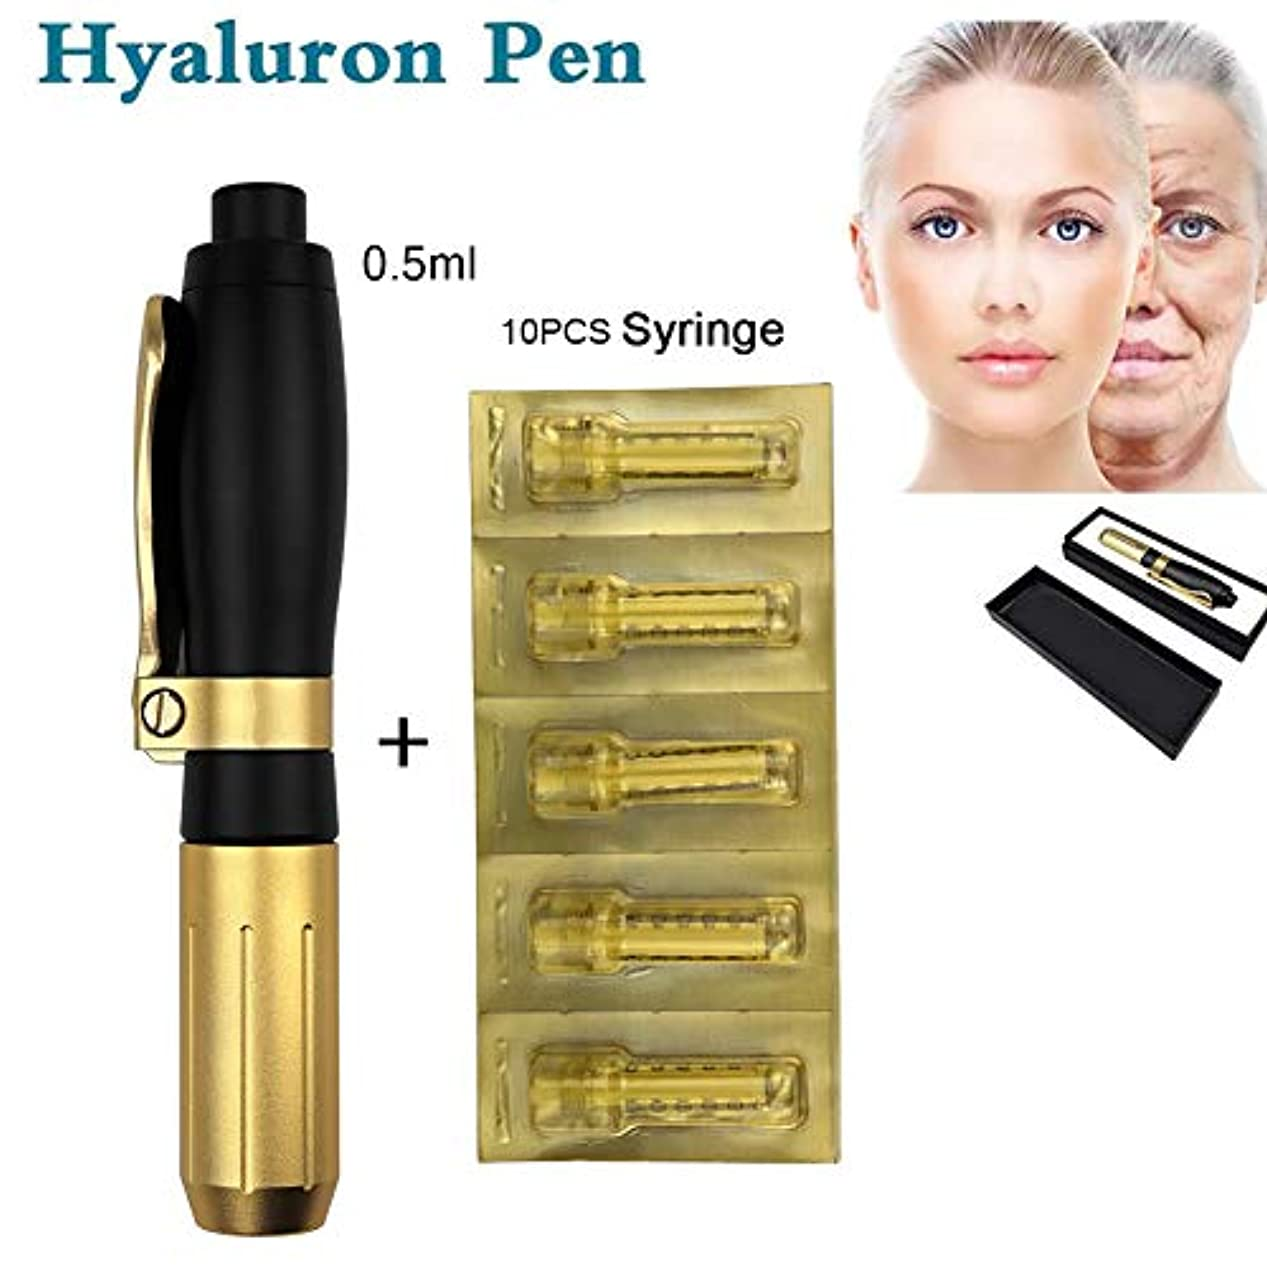 カトリック教徒弾薬弾薬0.5ml美容ヒアルロン酸ペン、しわを取り除くヒアルロンガンアトマイザーヒアルロンペンリフティングリップホワイトニングおよび肌の若返り、10アンプルヘッド付き